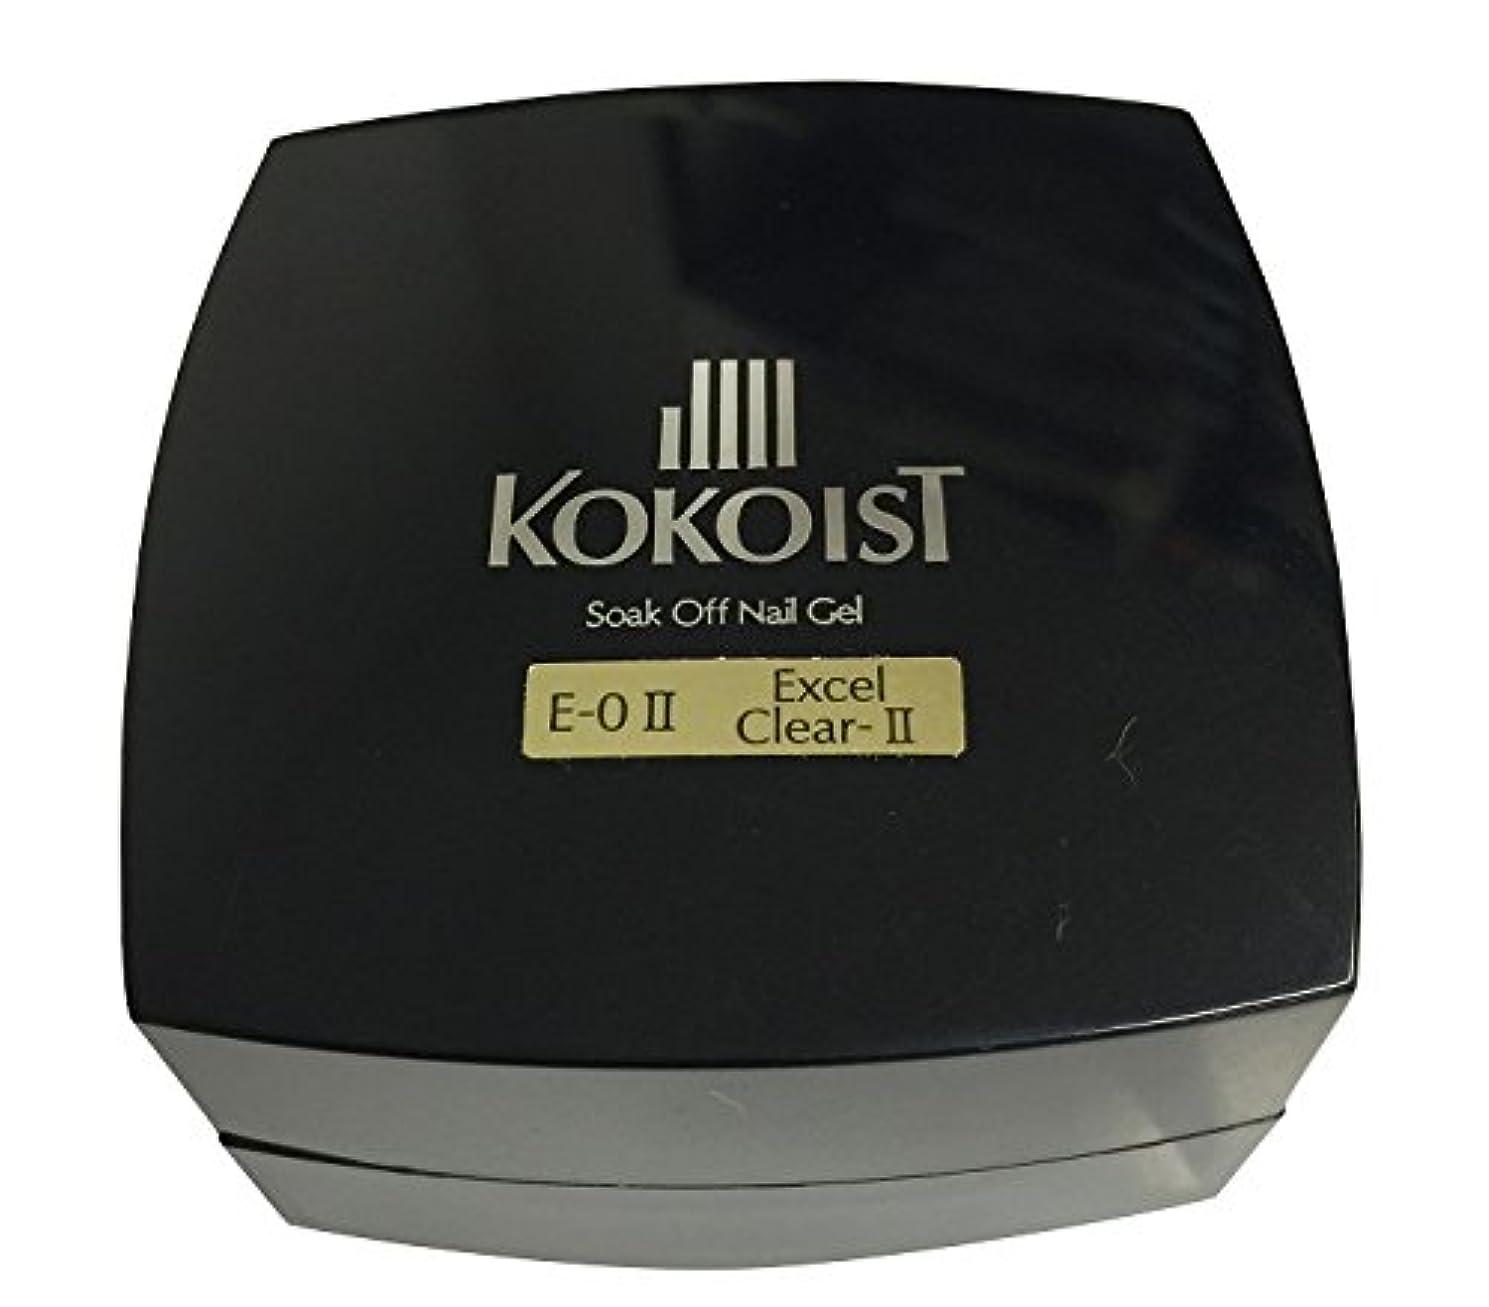 目覚めるピケ政府KOKOIST(ココイスト) ソークオフクリアジェル エクセルライン II  20g